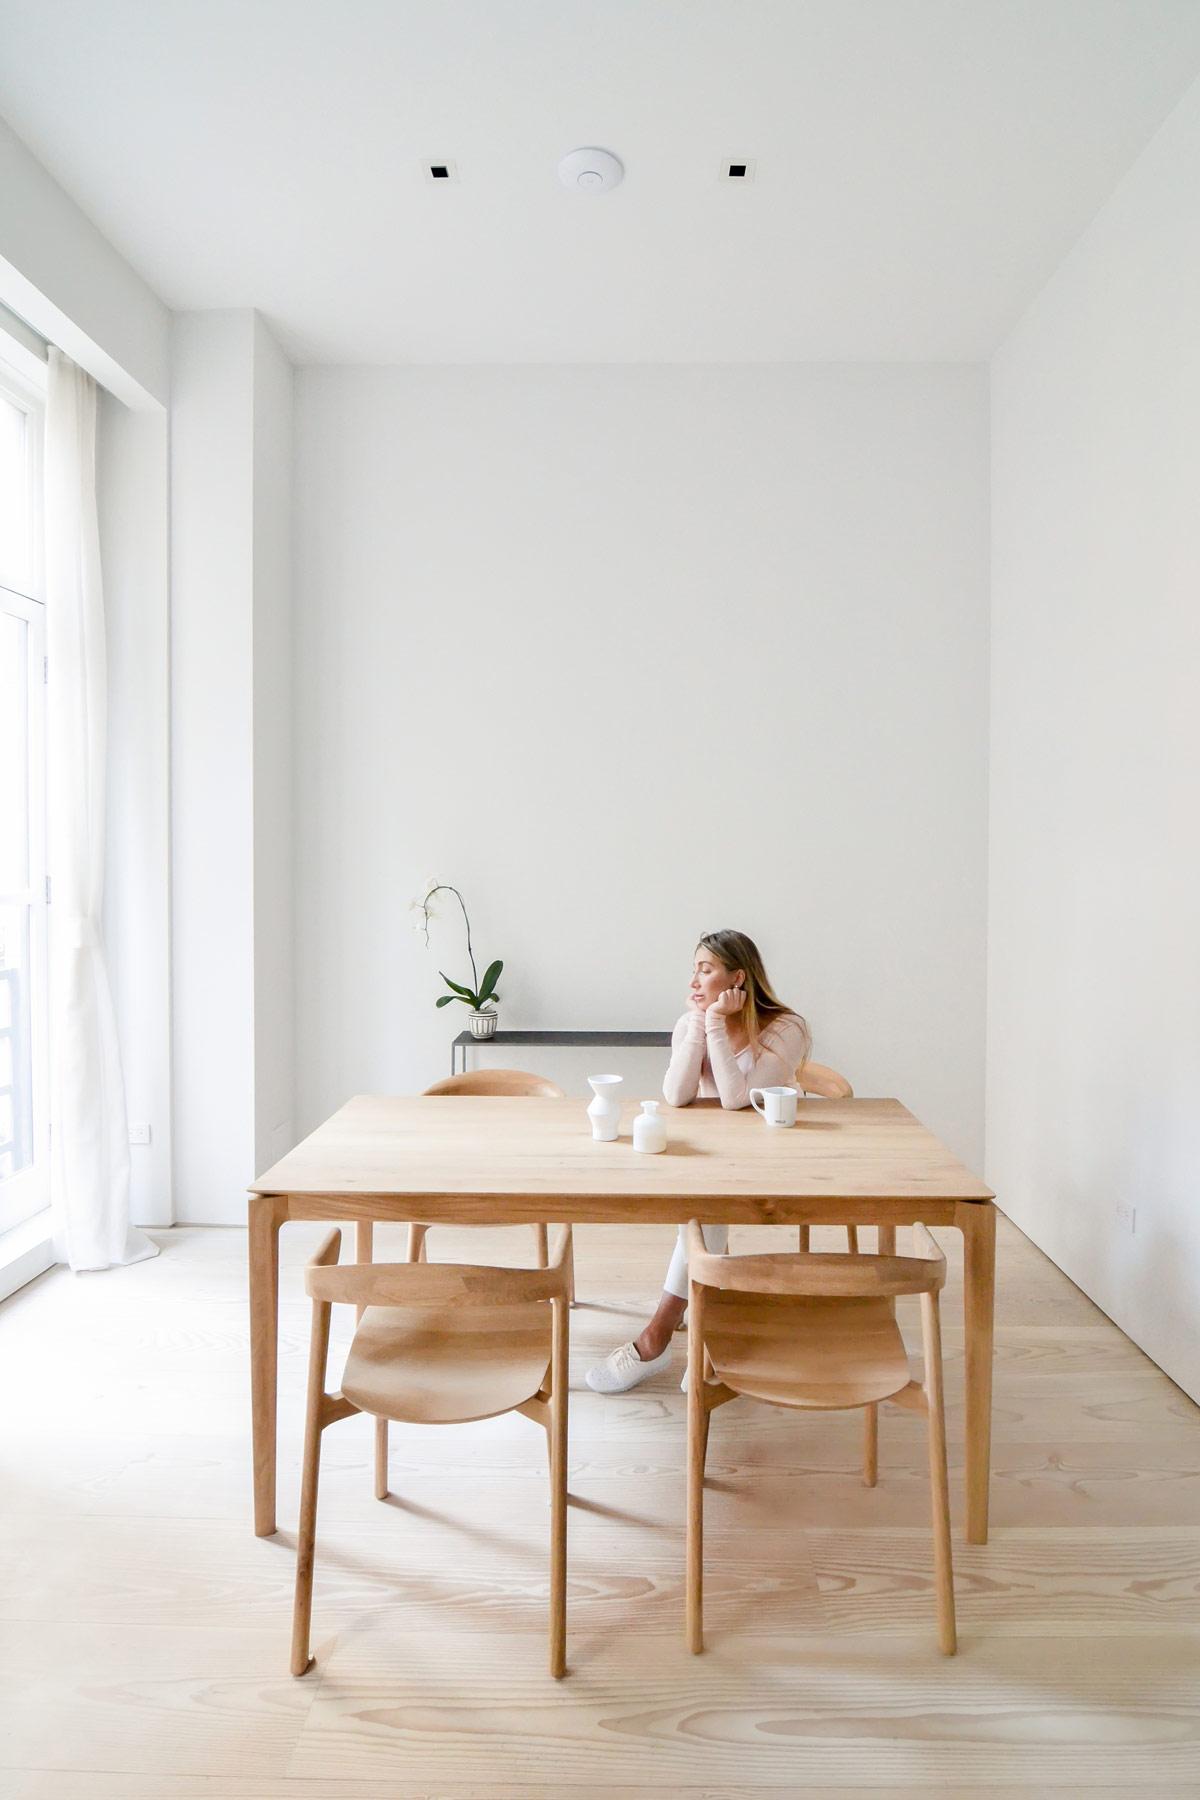 """Dành cho ai có cuộc sống xô bồ, bận rộn: Một không gian sống kết hợp từ bộ đôi """"Scandinavia và sự tối giản của người Nhật"""" sẽ khiến bạn phải vỗ tay hài lòng - Ảnh 5."""